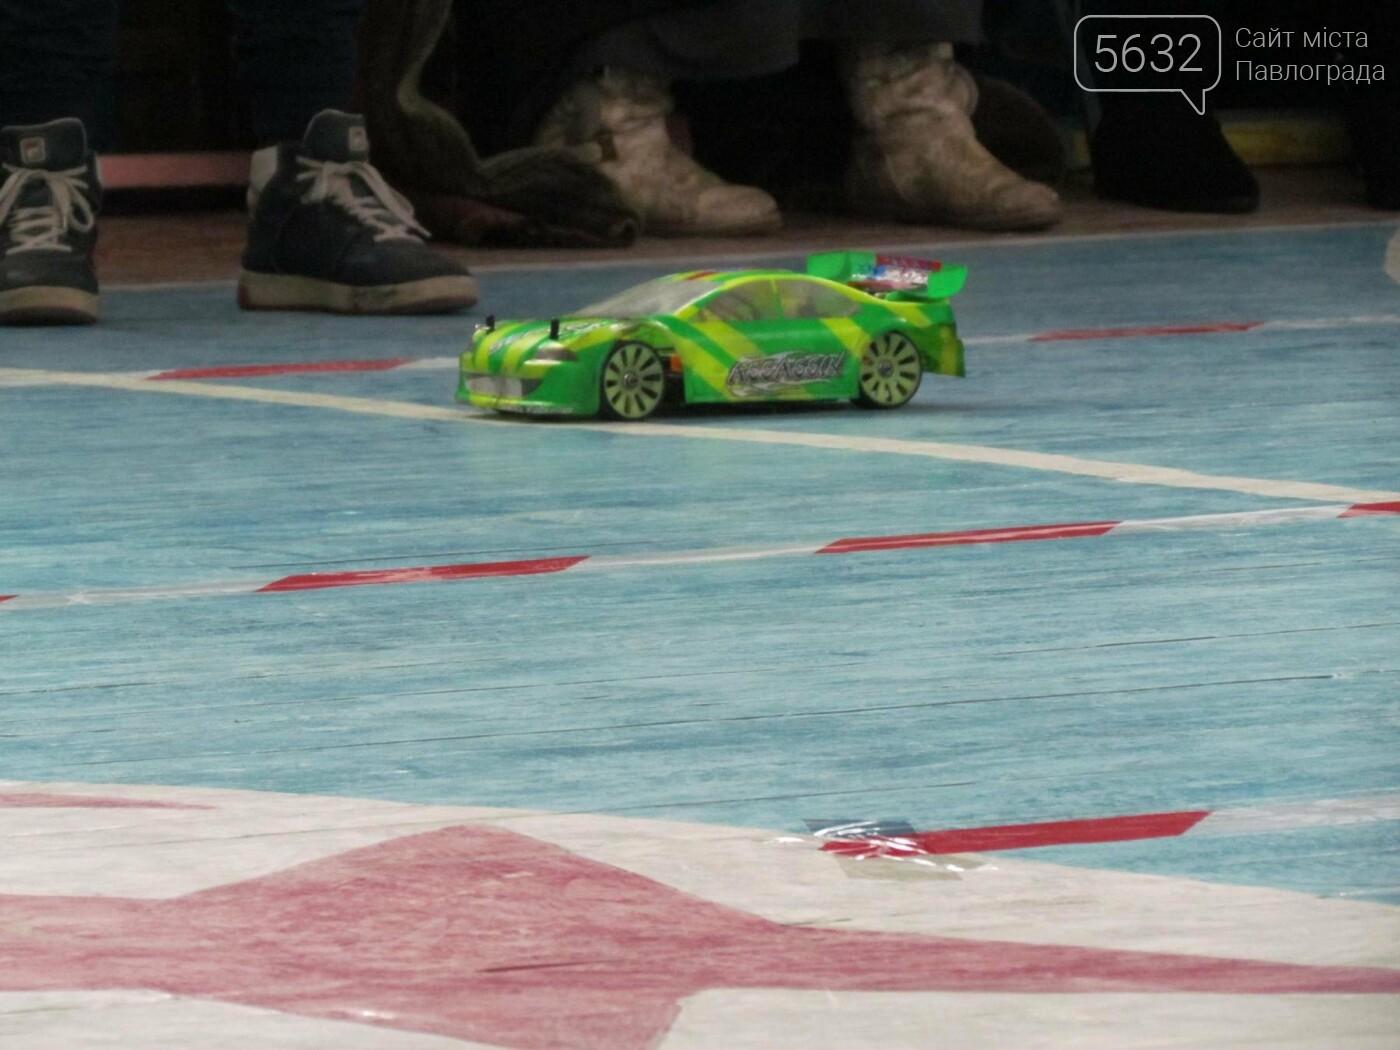 Павлоградские школьники сразились в гонке радиоуправляемых автомоделей, фото-6